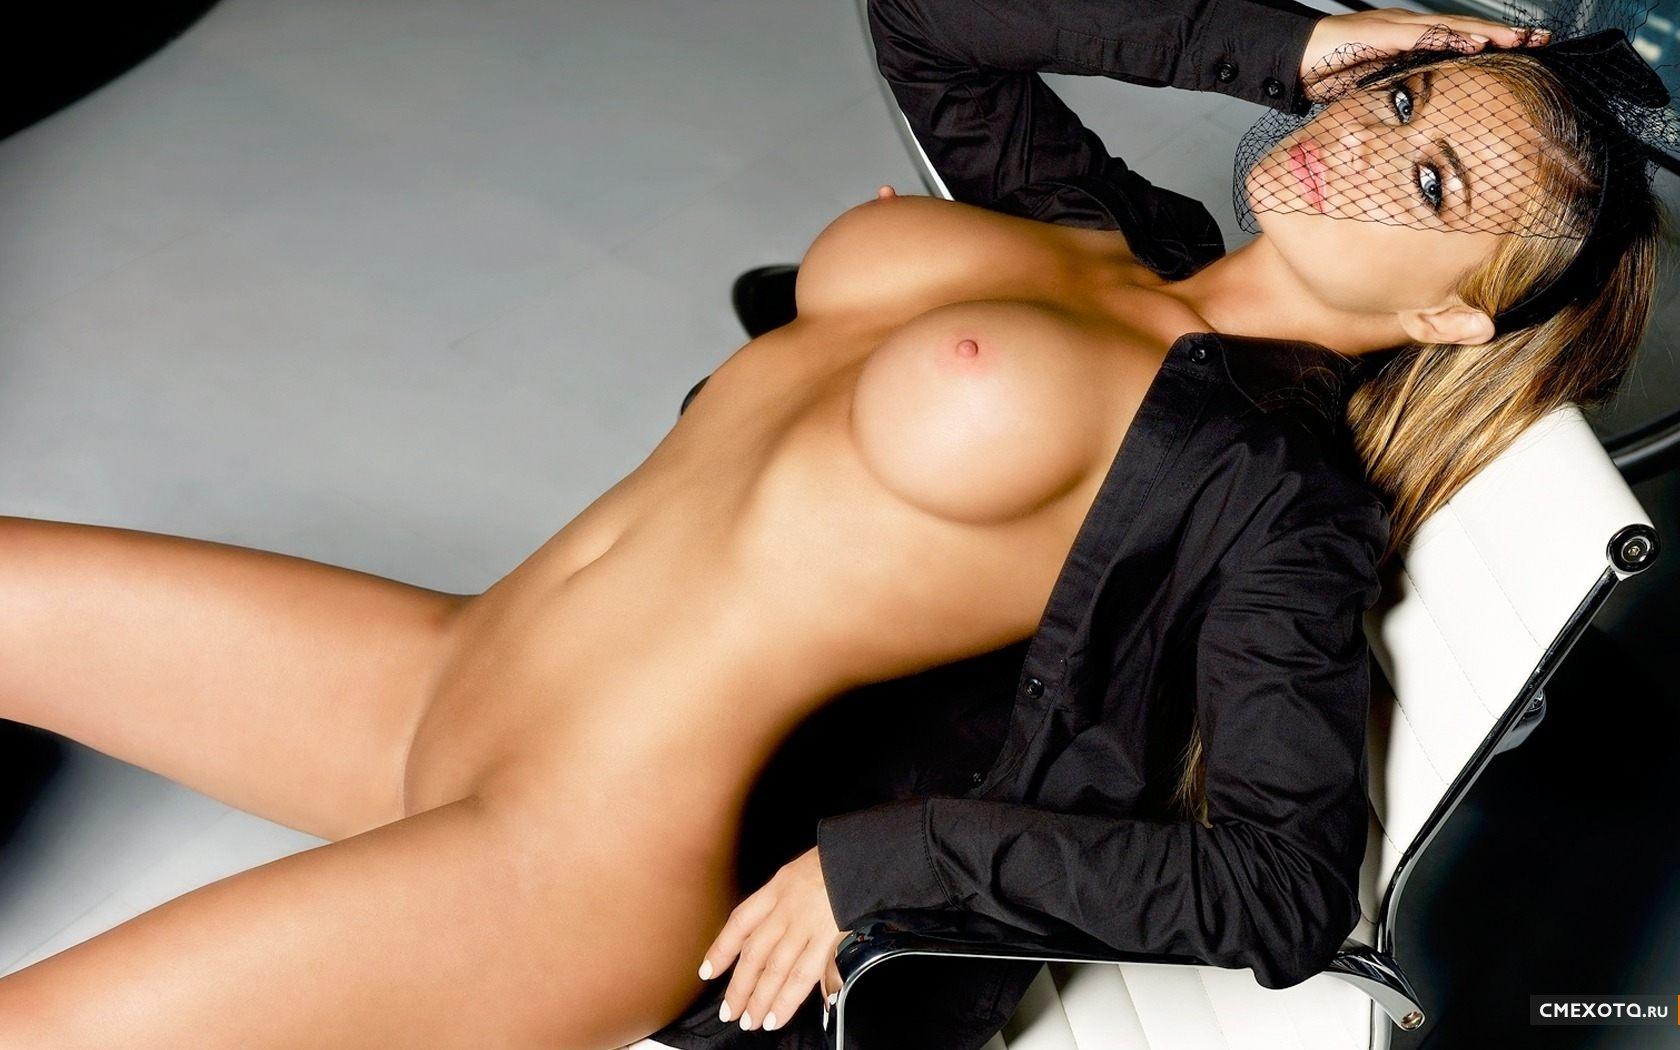 Фото сексуал девушек 13 фотография